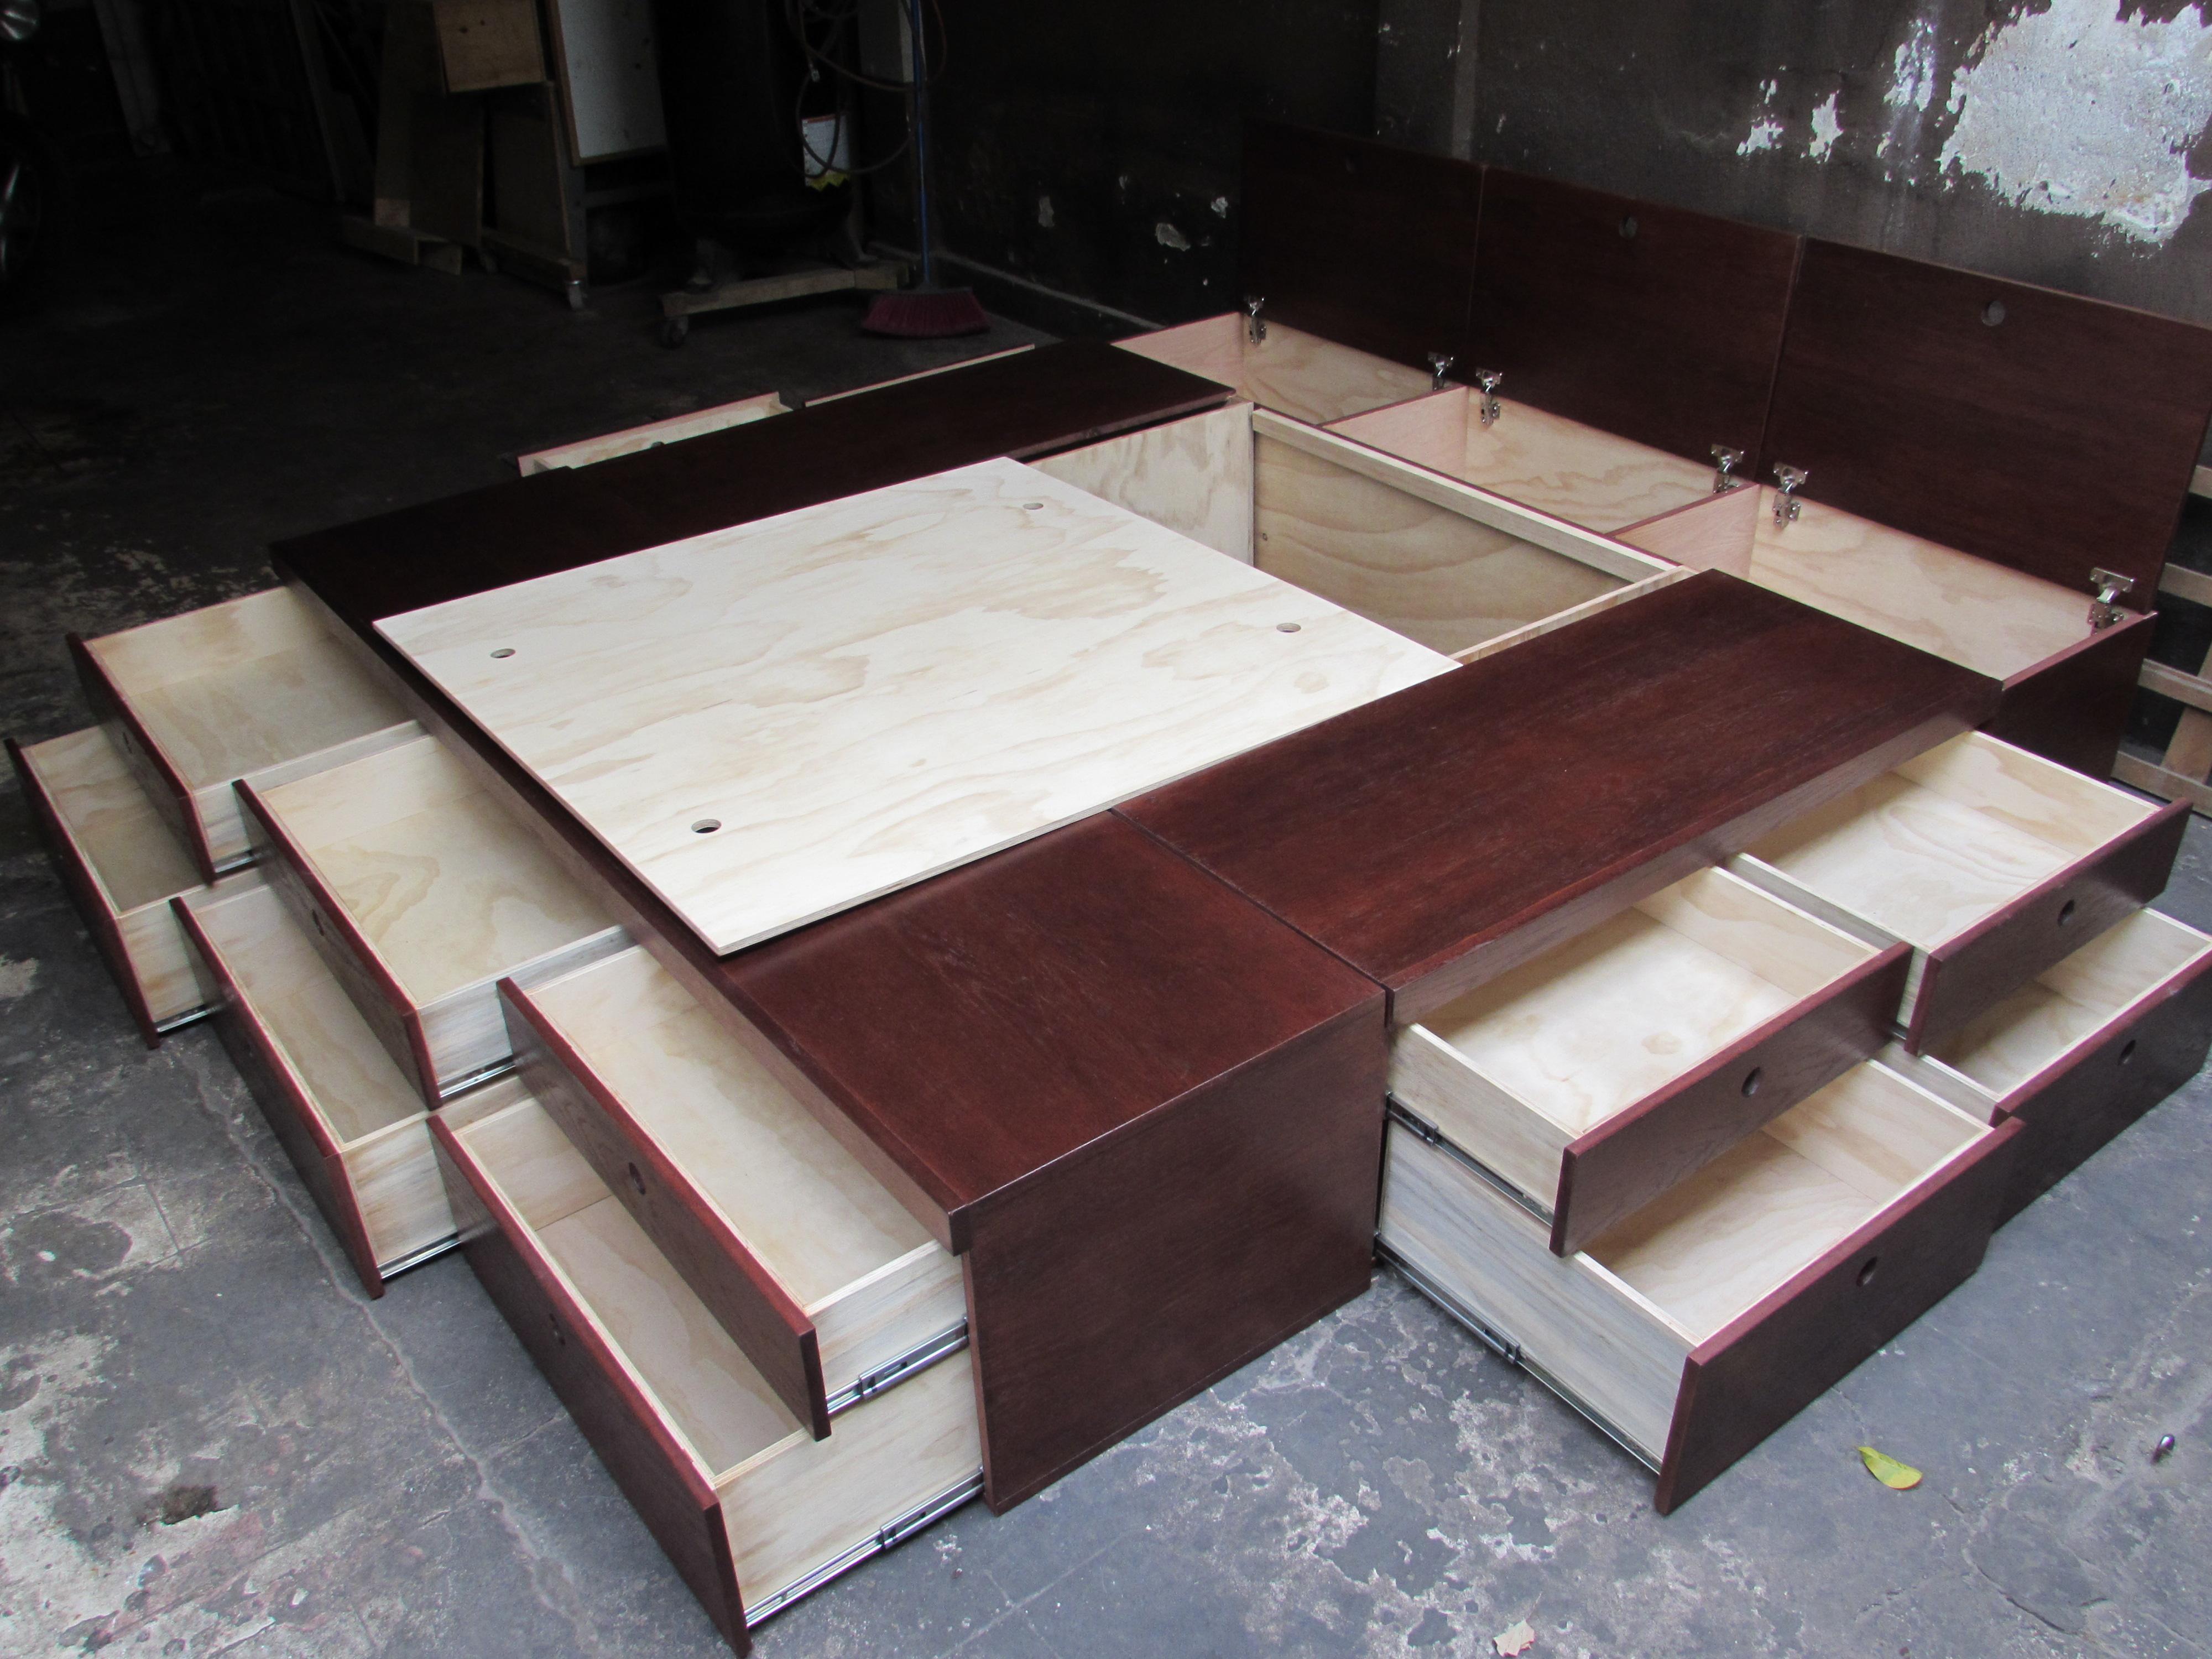 Bases de cama perfect sin imagen with bases de cama for Cama queen size con cajones